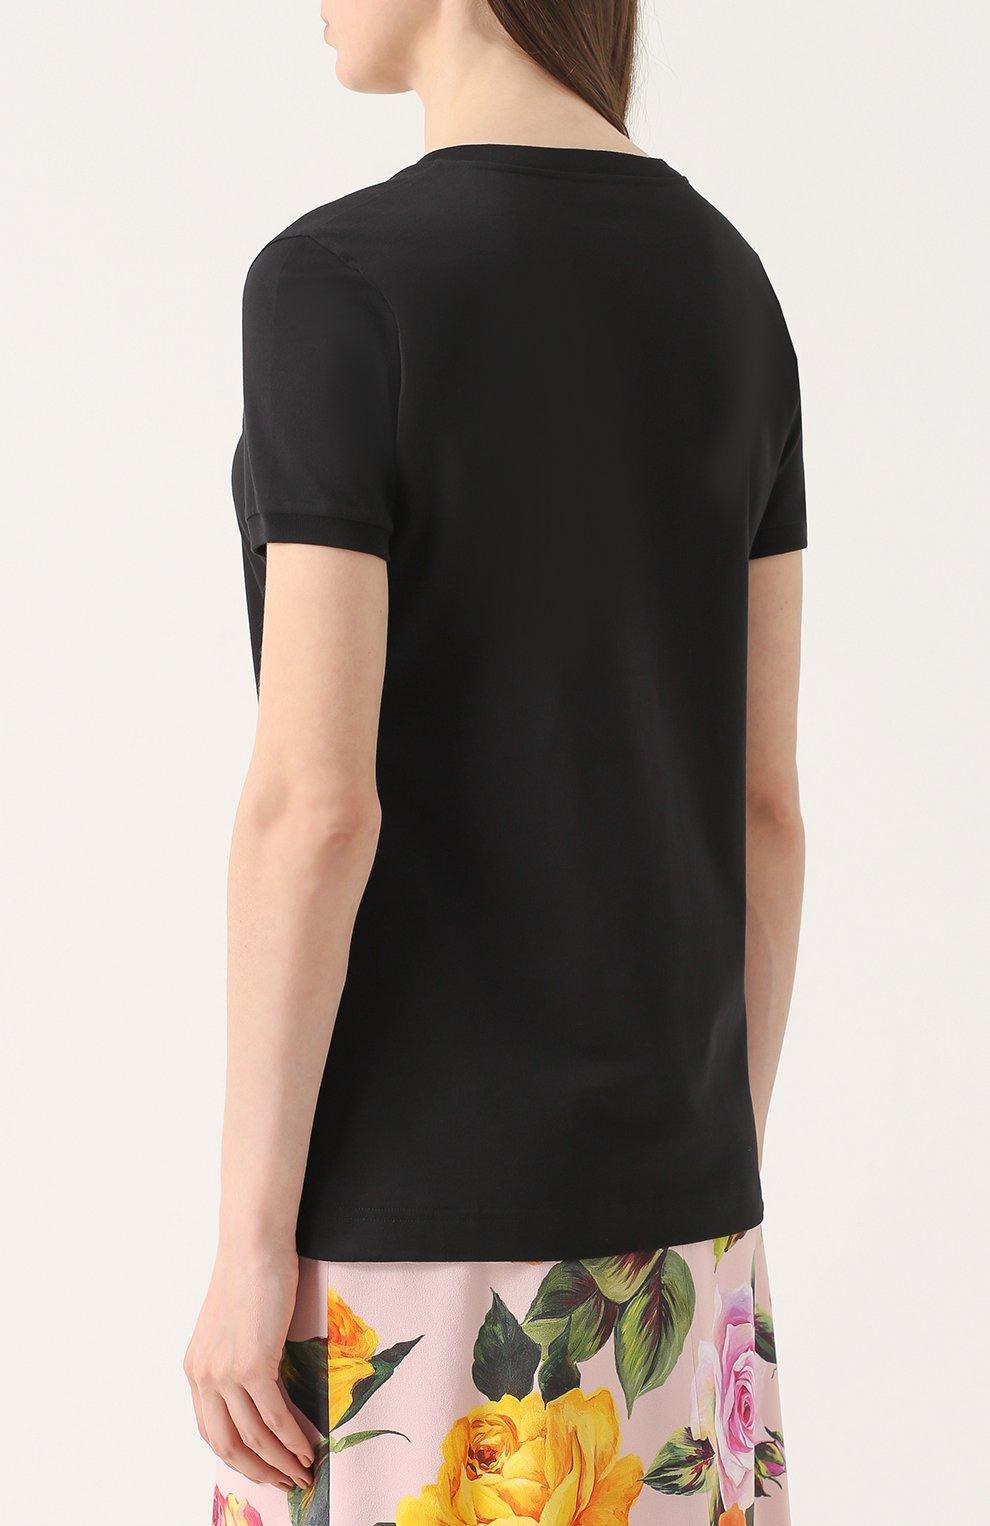 Приталенная футболка с контрастной вышивкой пайетками Dolce & Gabbana черная | Фото №4